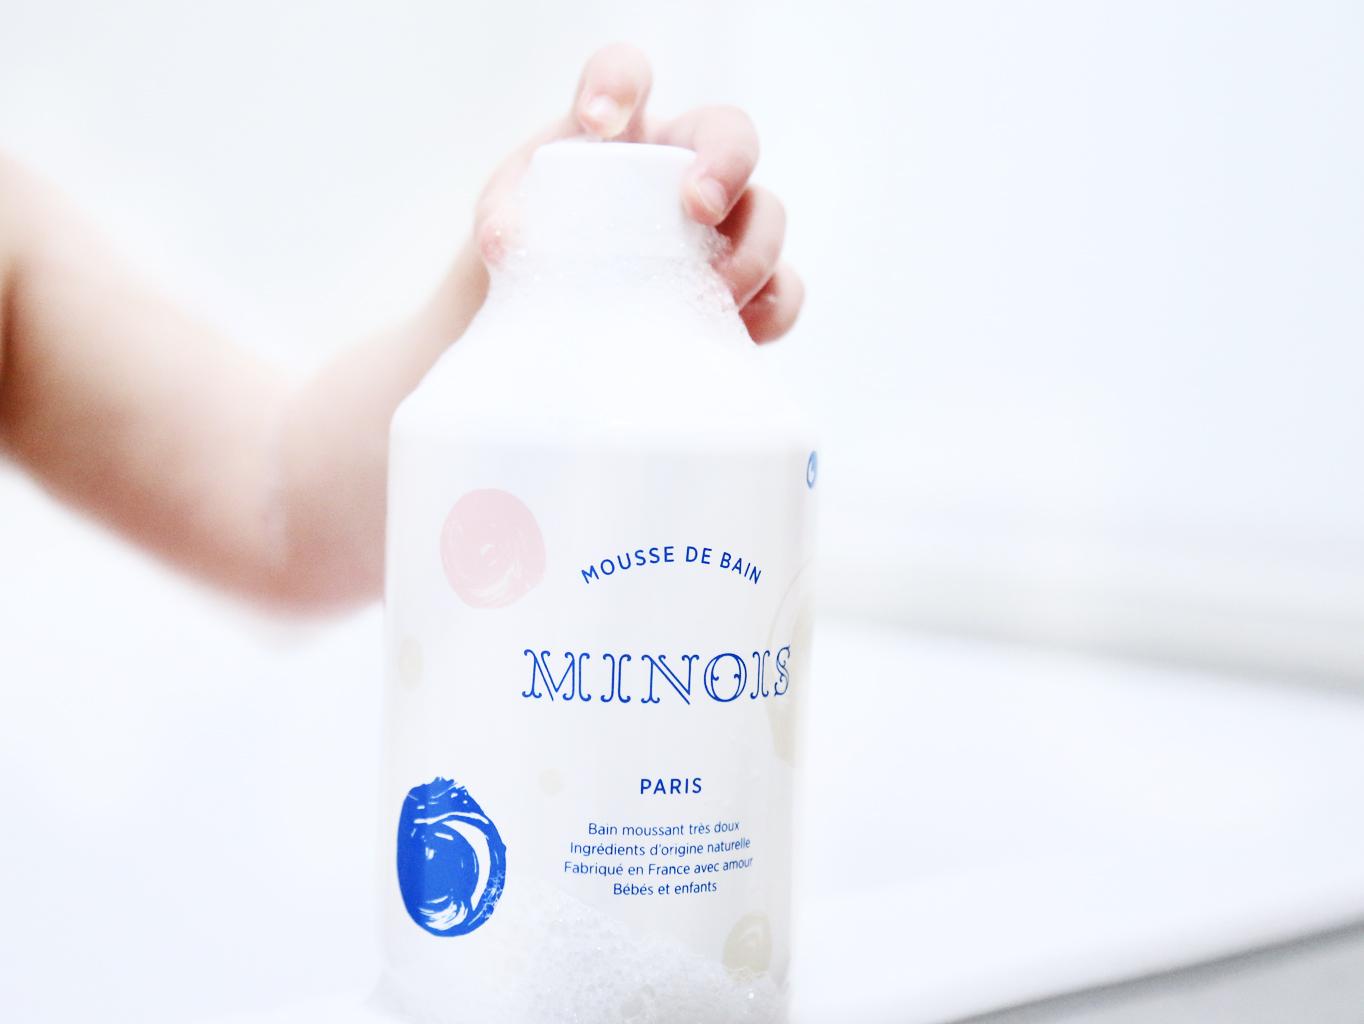 De beste badbubbels voor de baby van Minois Paris